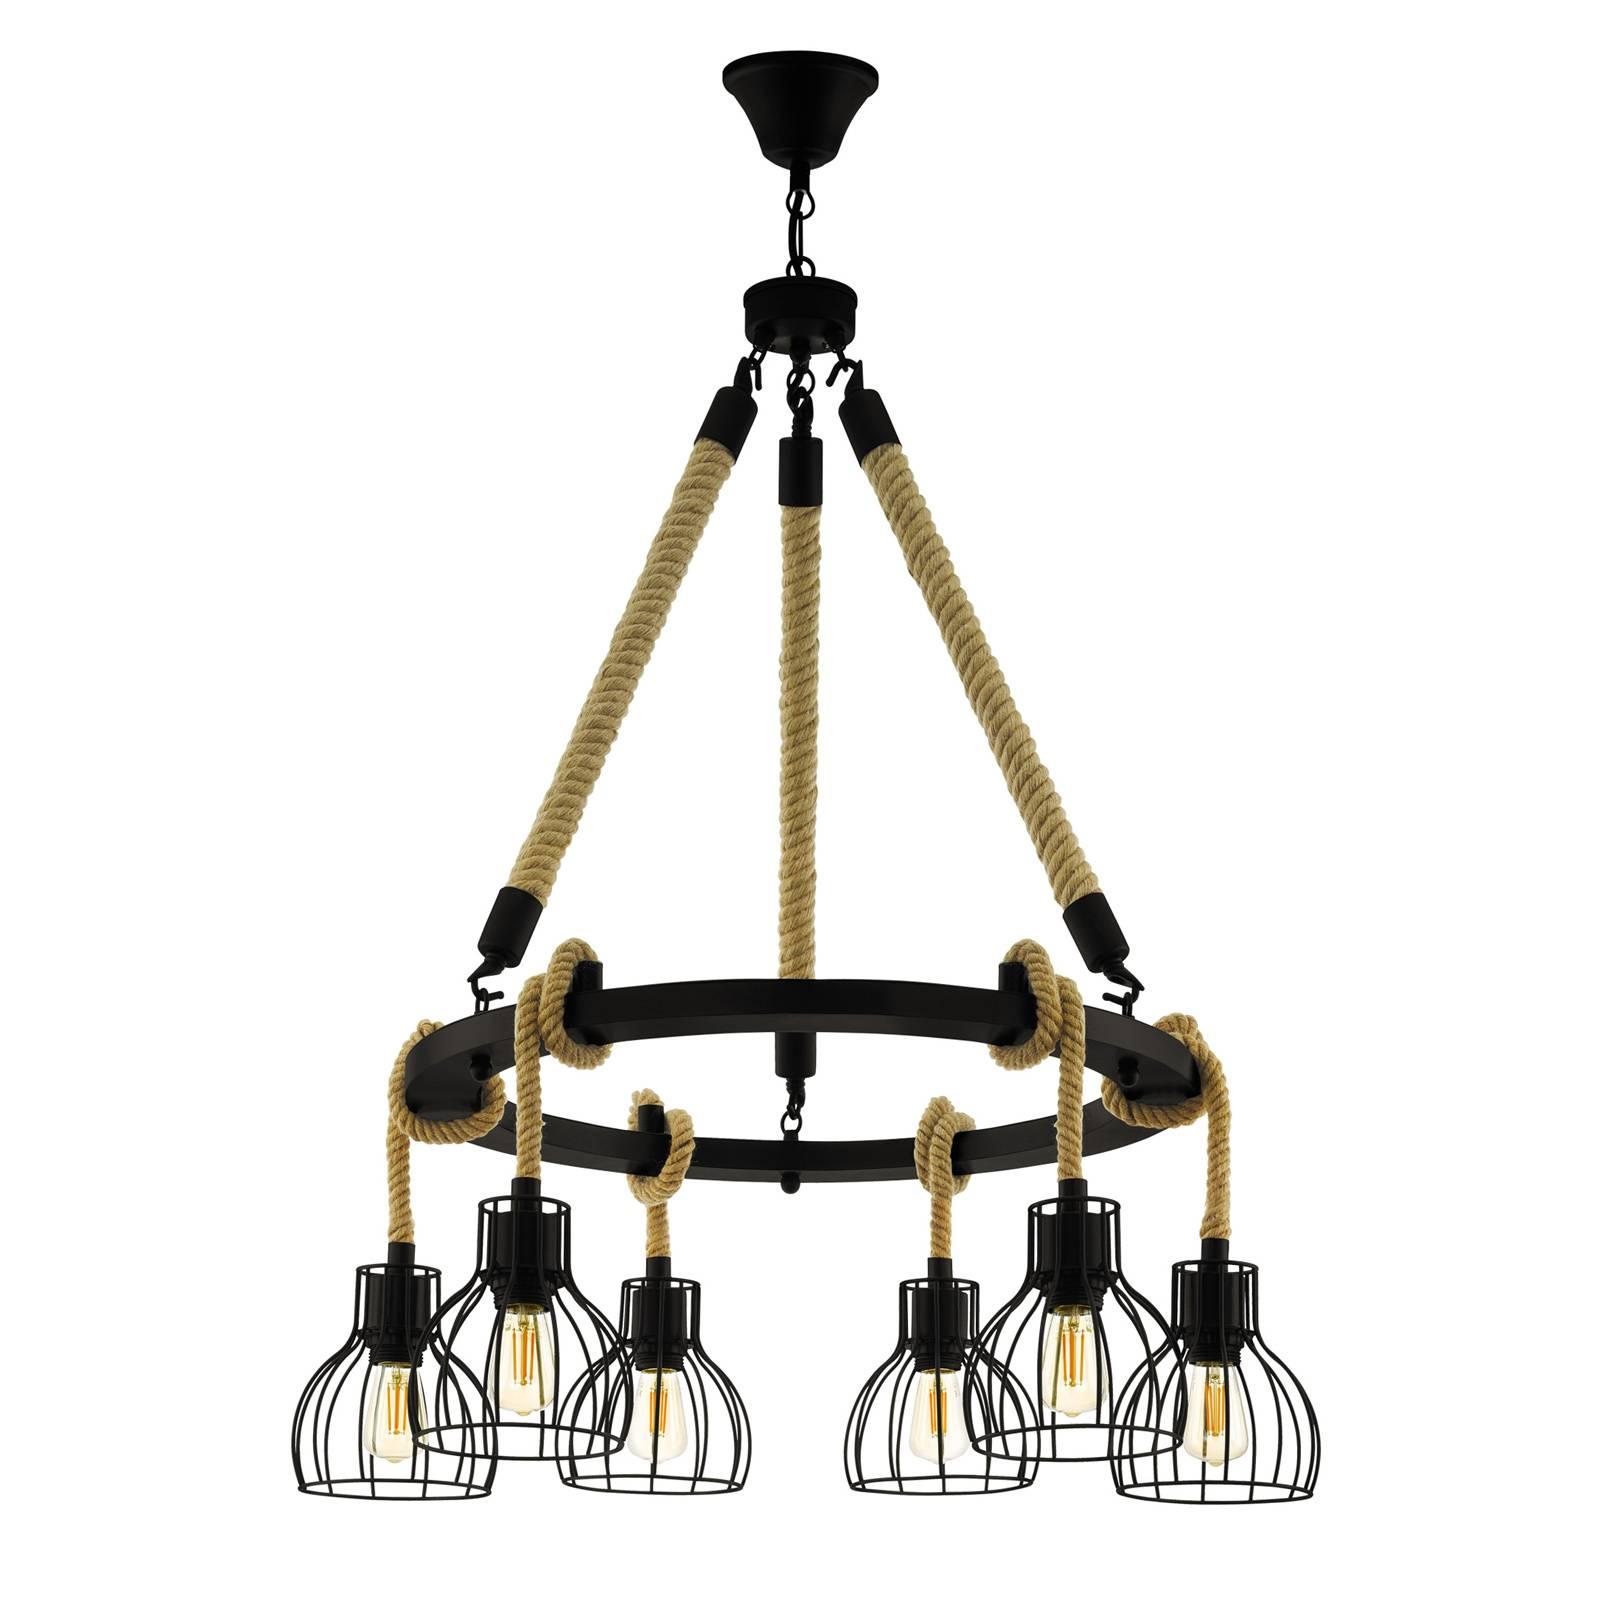 Lampa wisząca Rampside z 6 klatkowymi kloszami